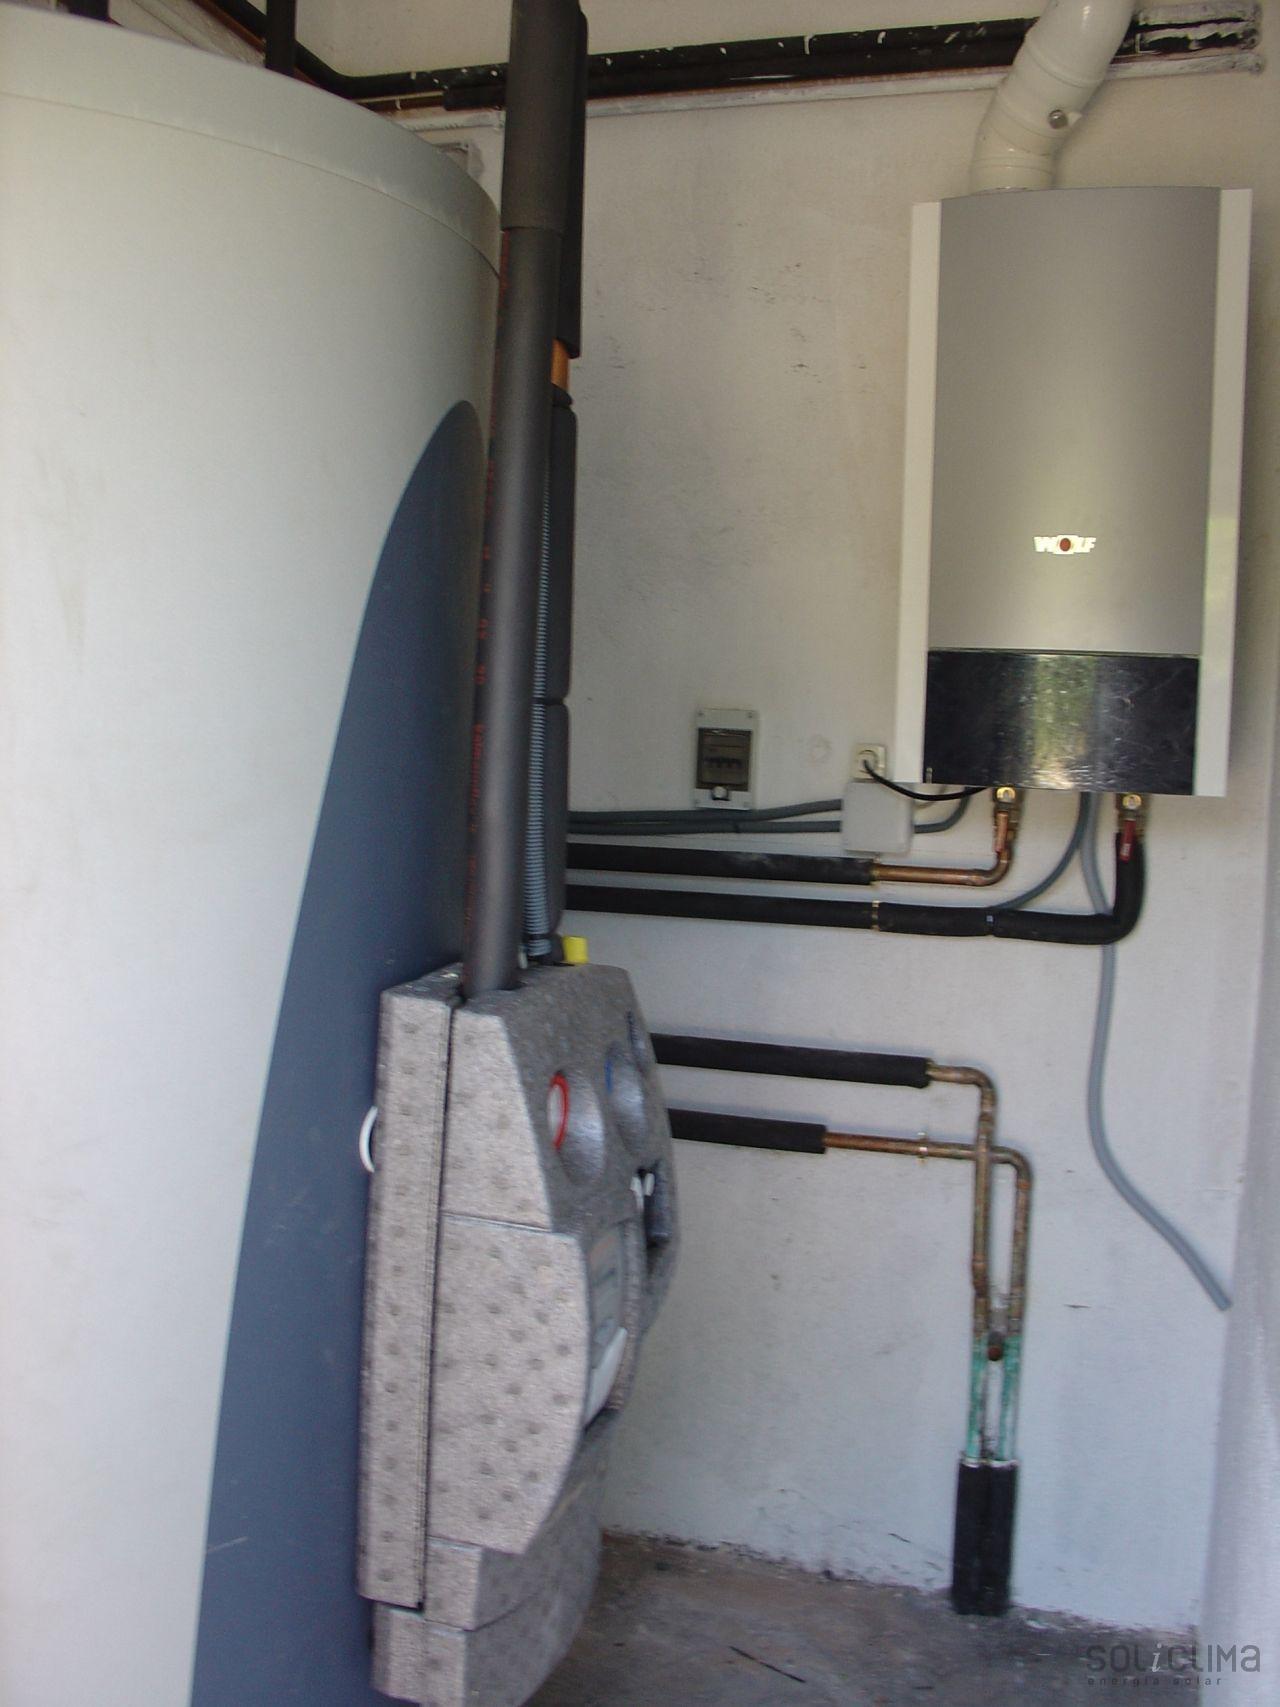 Suelo radiante agua caliente y calefacci n solar con for Calderas para calefaccion